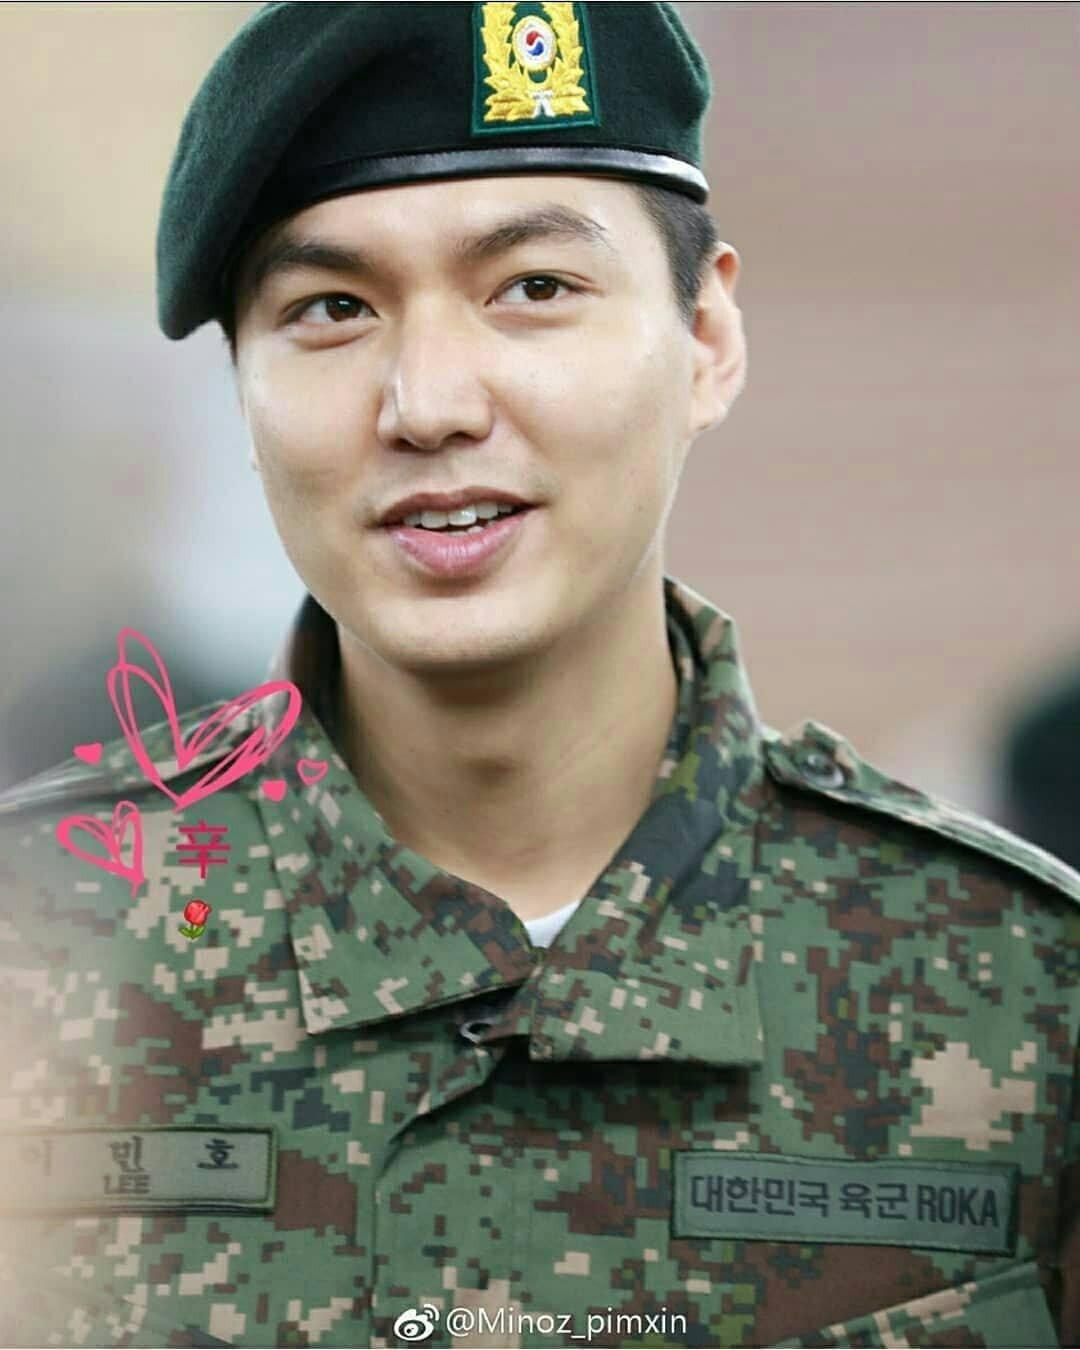 Tài tử Lee Min Ho béo phù cả mặt, nhưng vẫn điển trai với nhan sắc mộc 100\% trong quân ngũ 13